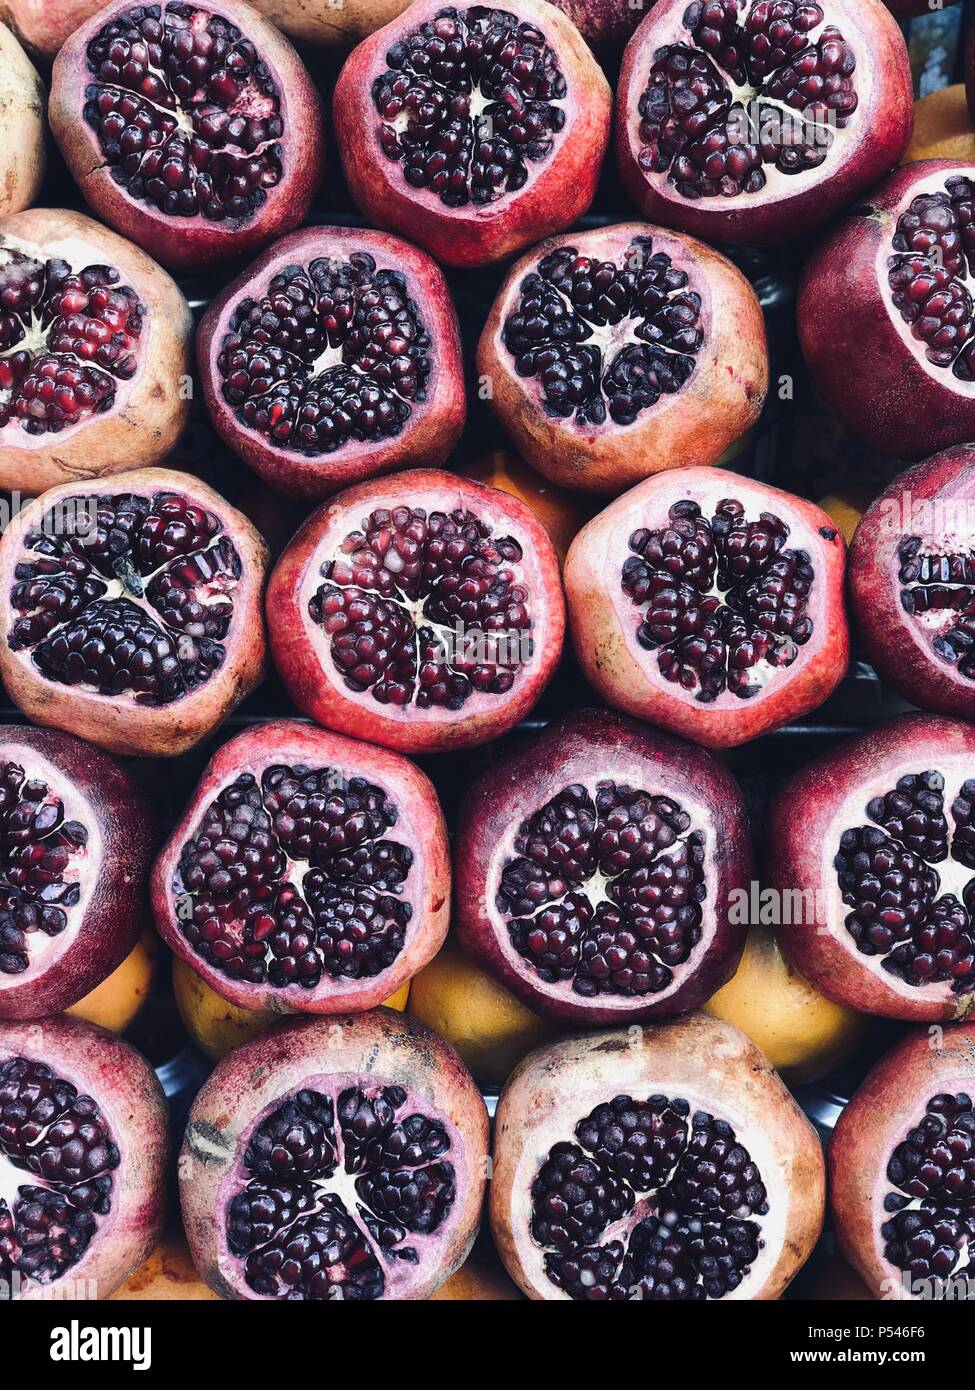 Pomegranates for making fresh juice - Stock Image